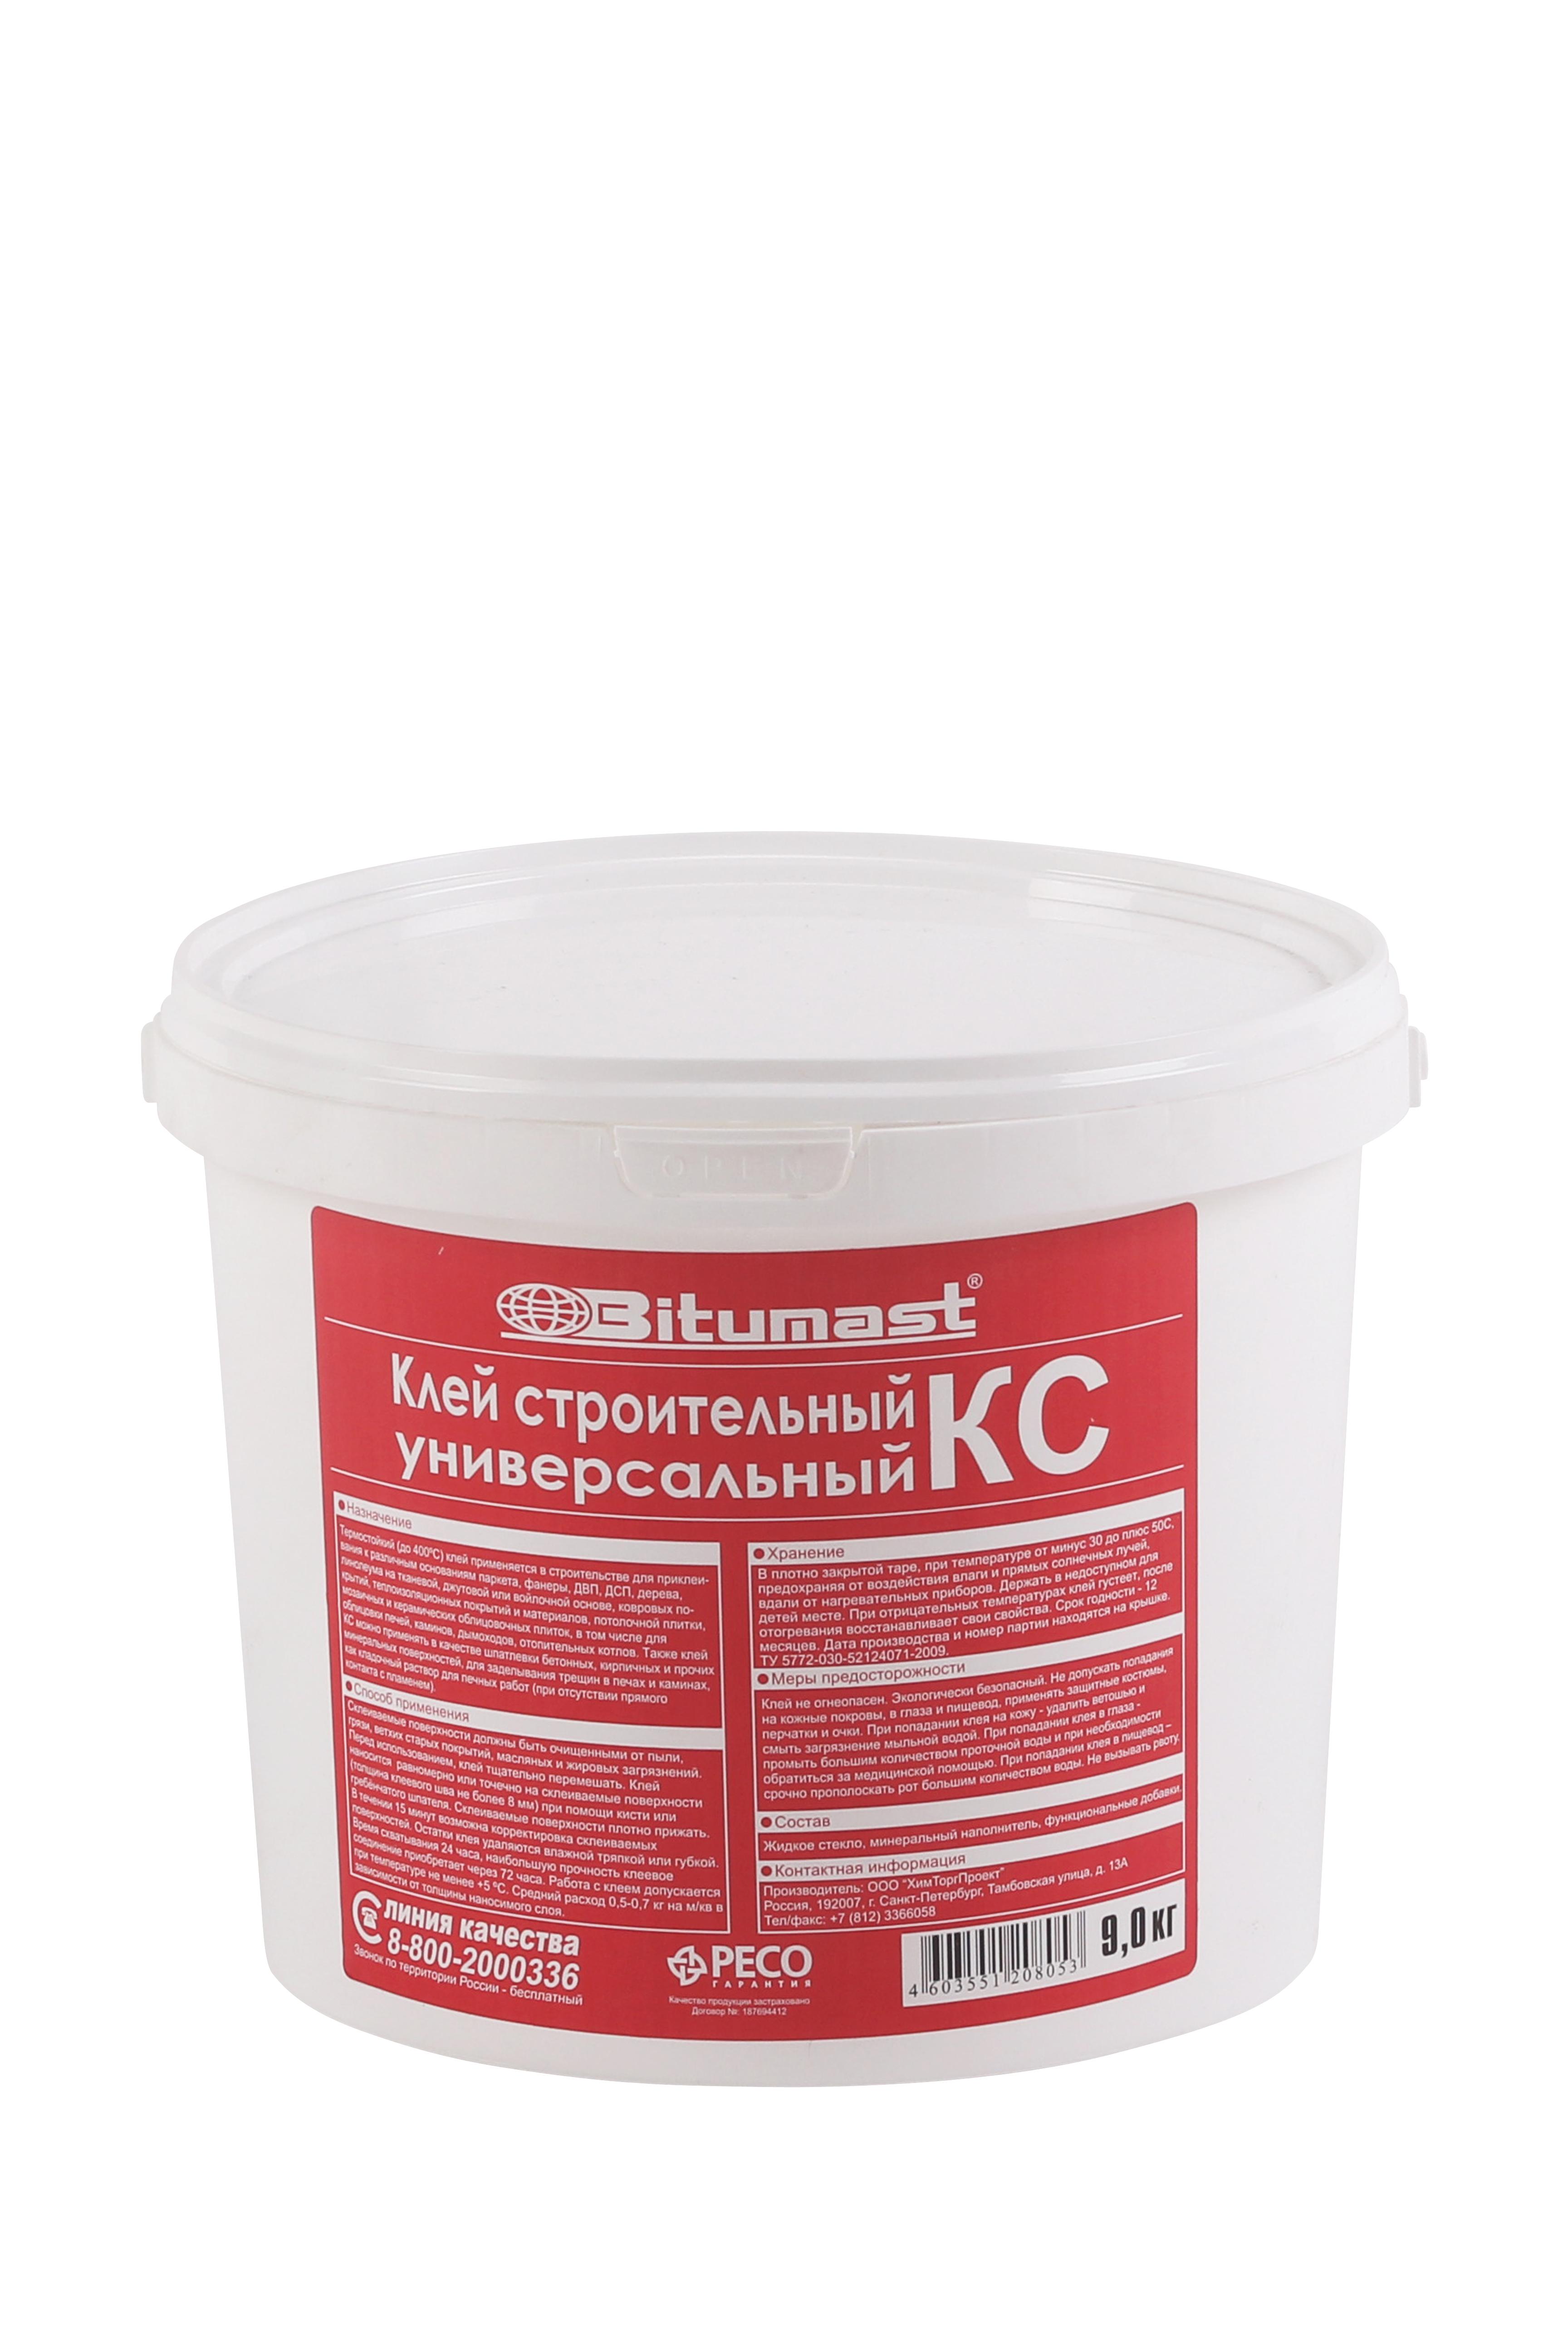 Клей строительный КС Bitumast  9 кг